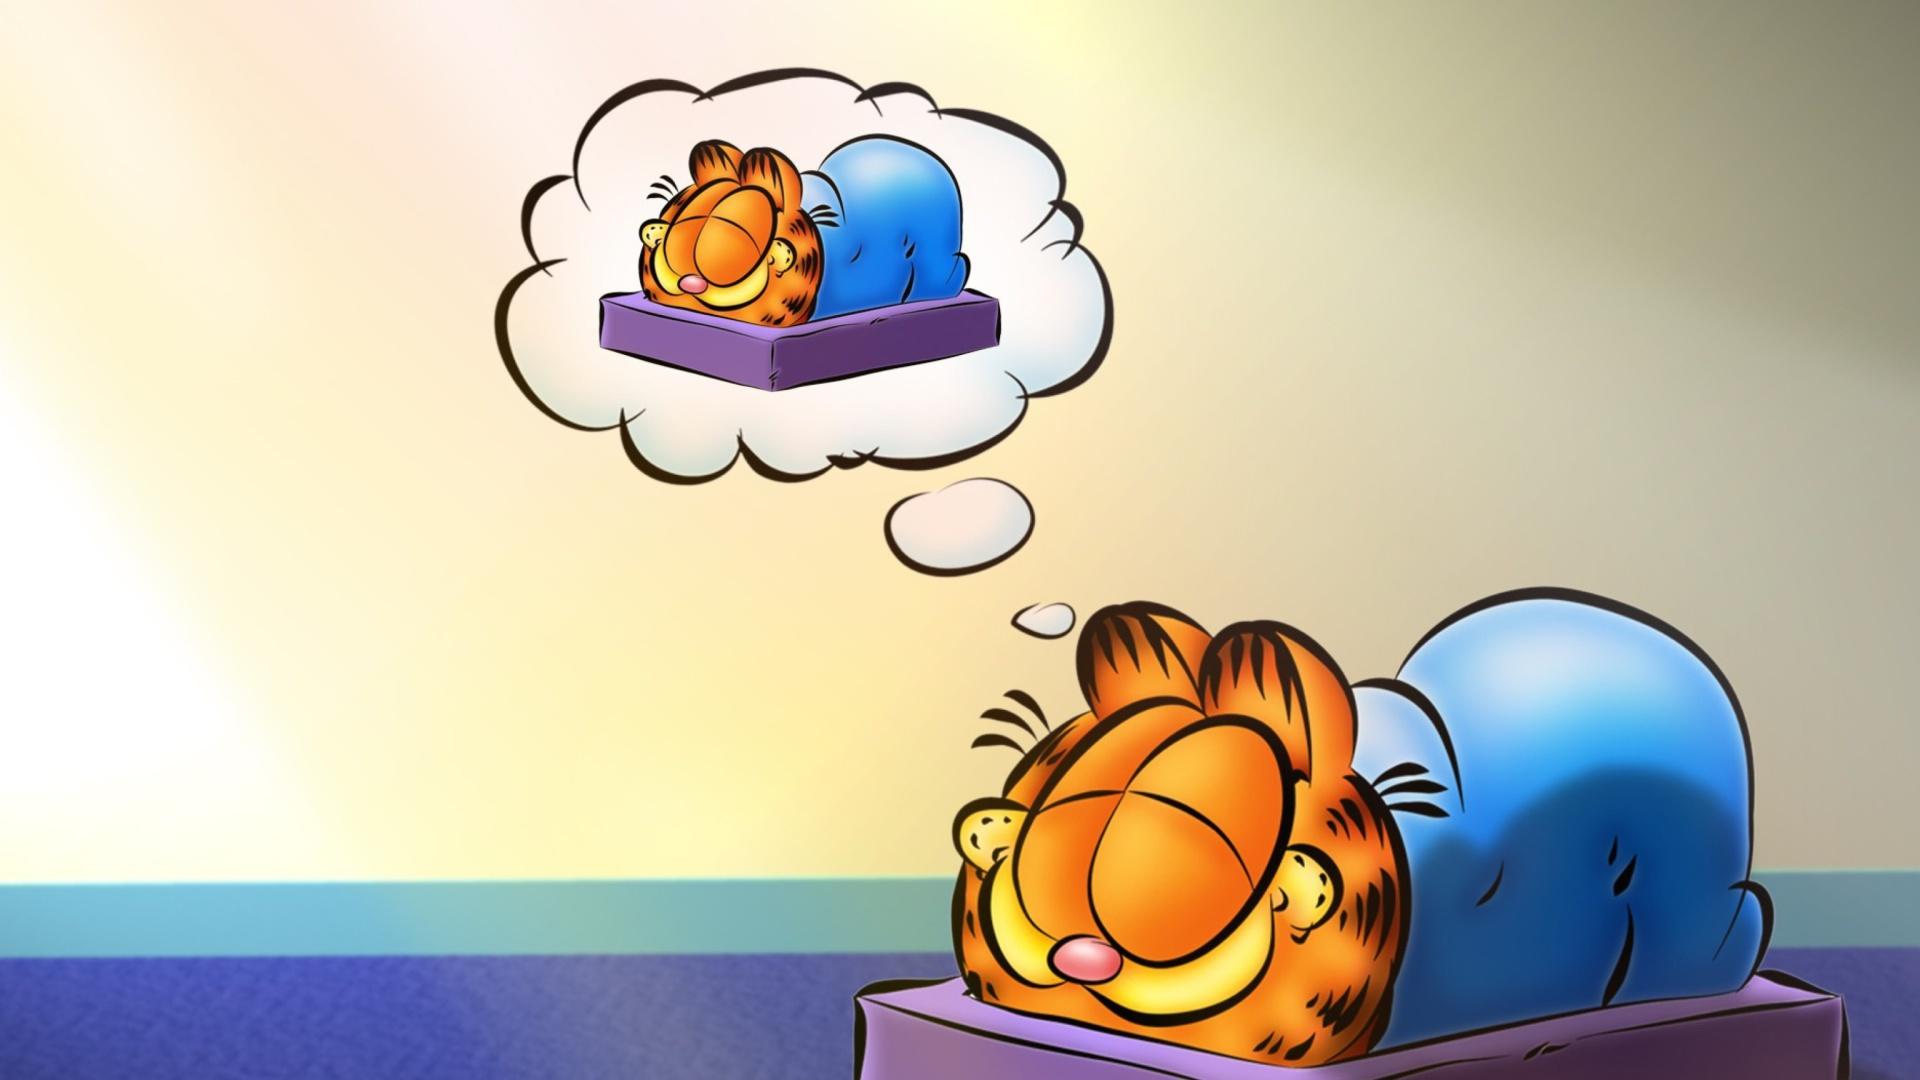 Garfield Sleep 1920x1080 wallpaper1920X1080 wallpaper screensaver 1920x1080